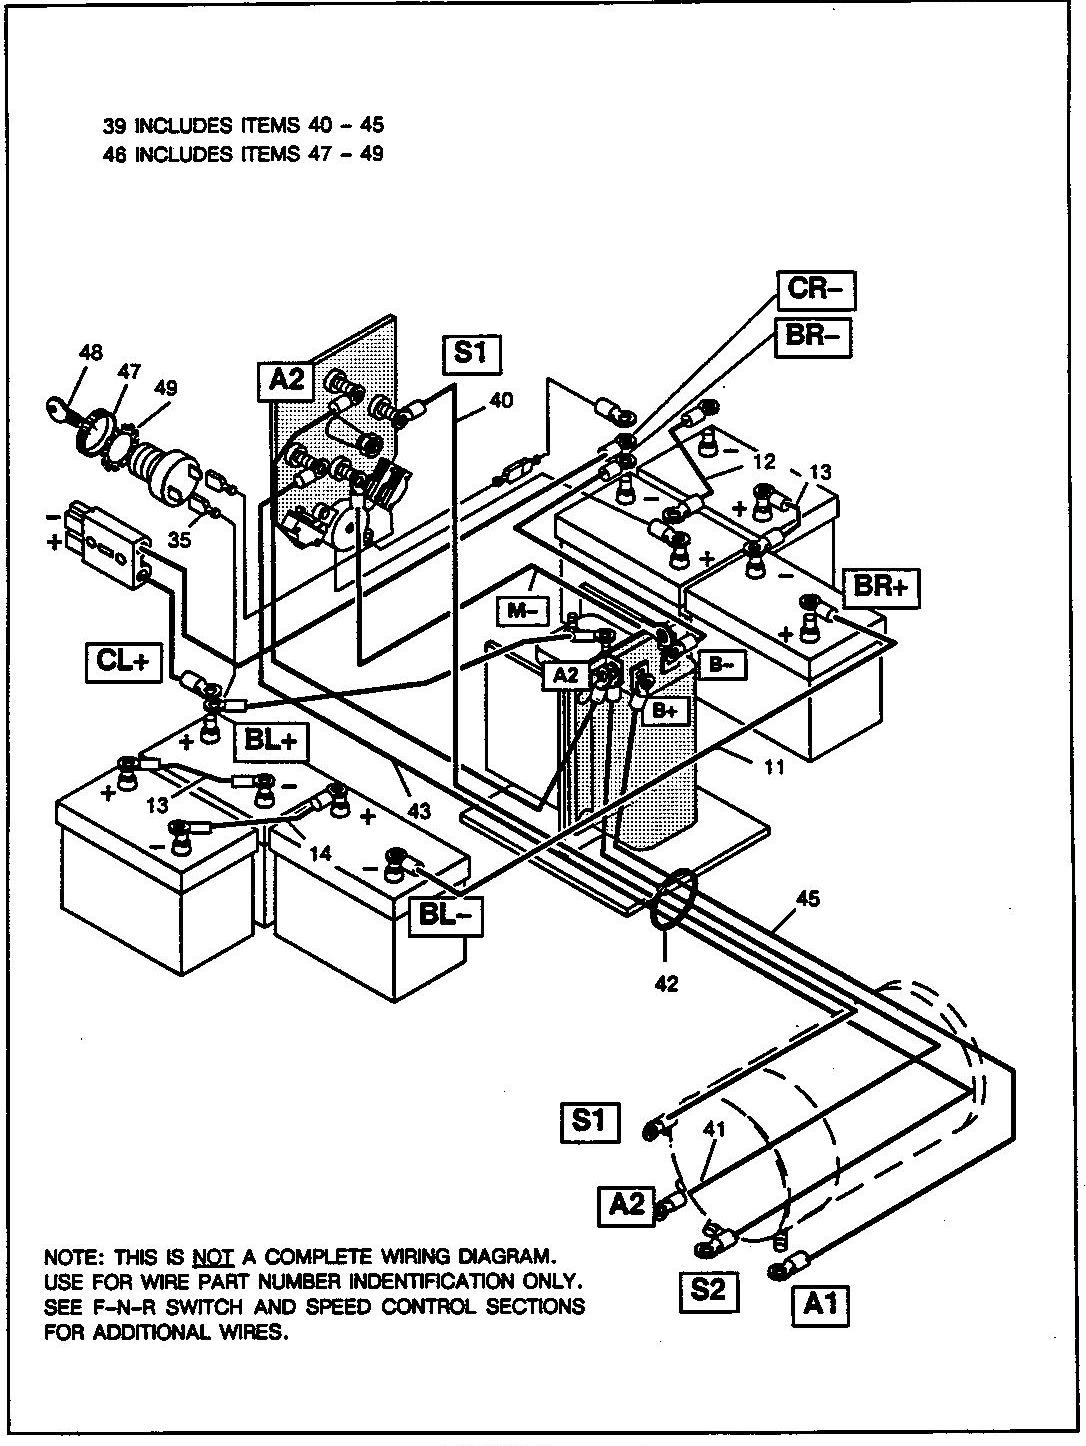 566c2f golf cart 36 volt ezgo wiring diagram f401 | wiring resources  wiring resources